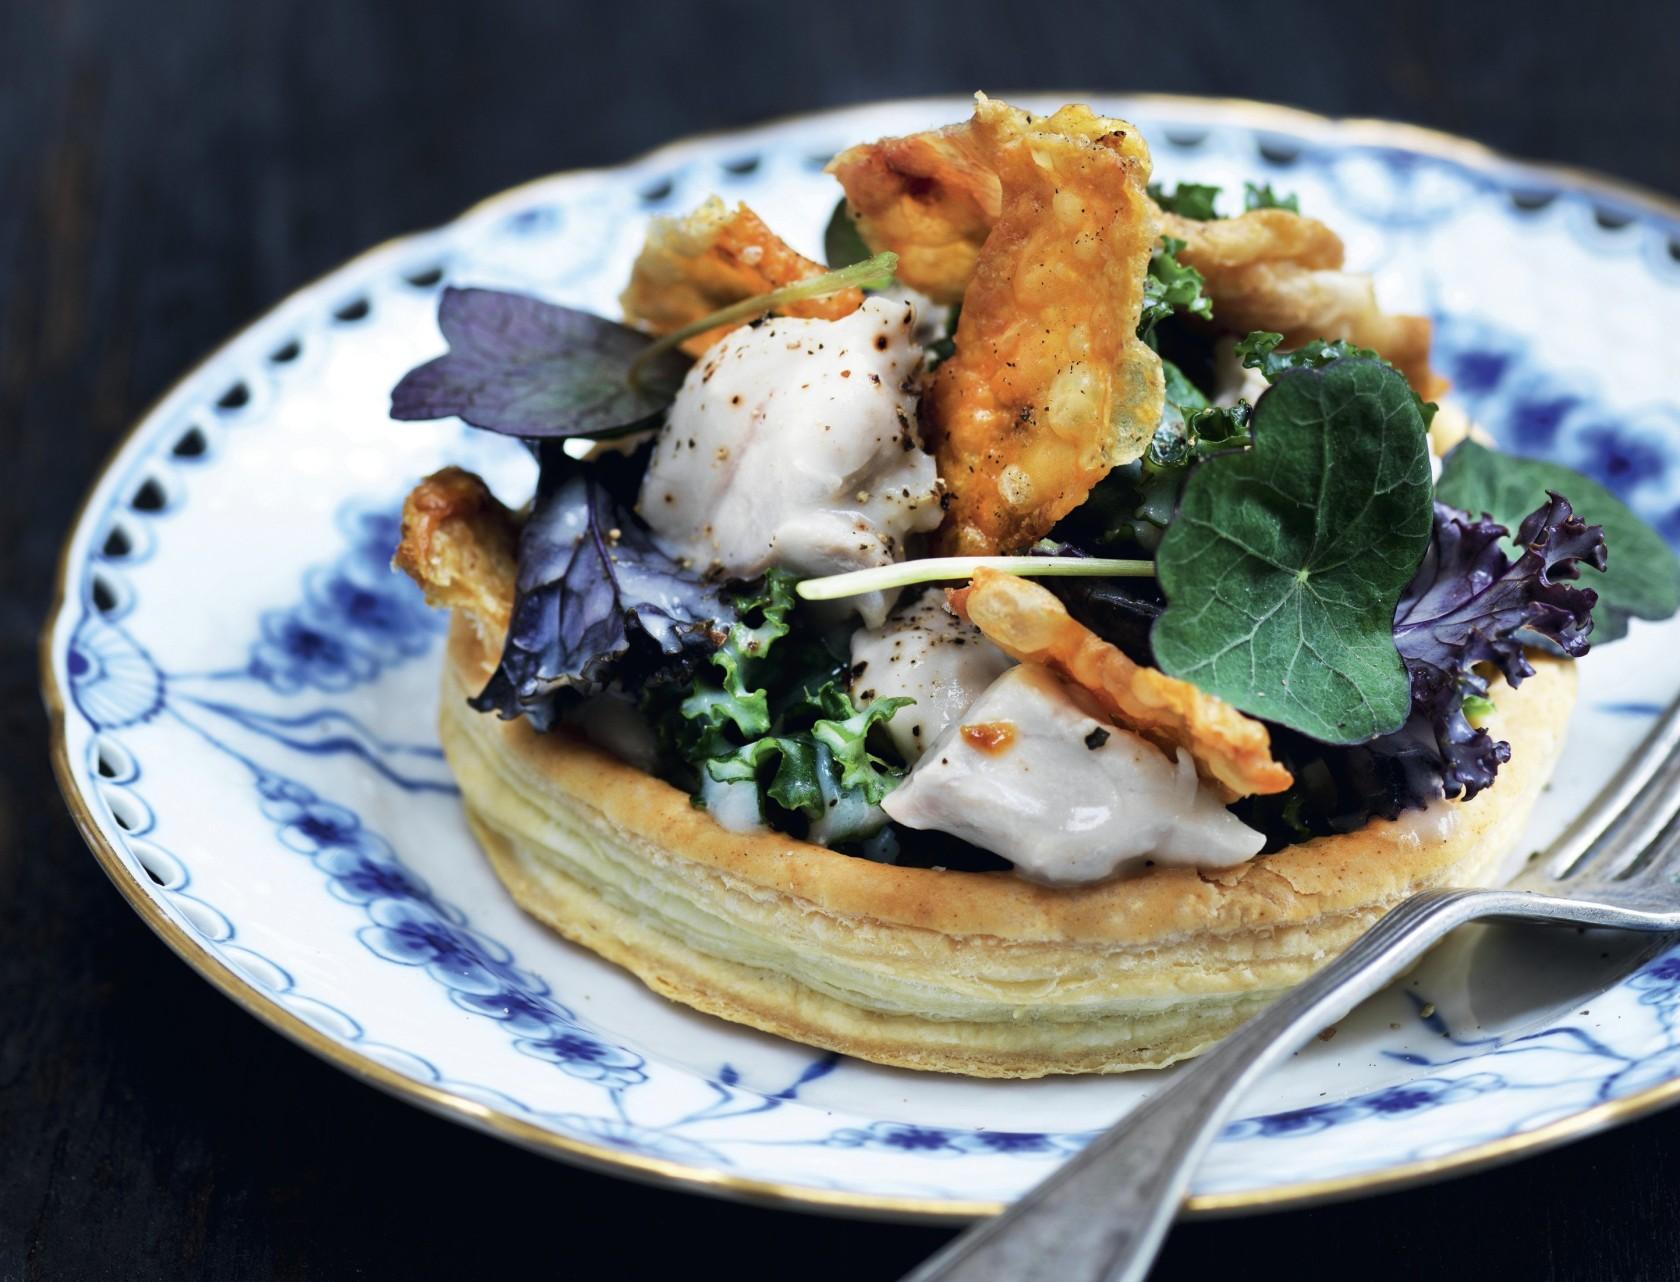 Butterdej med grønkål, kylling og sprødt skind - den bedste opskrift på lækker forret.